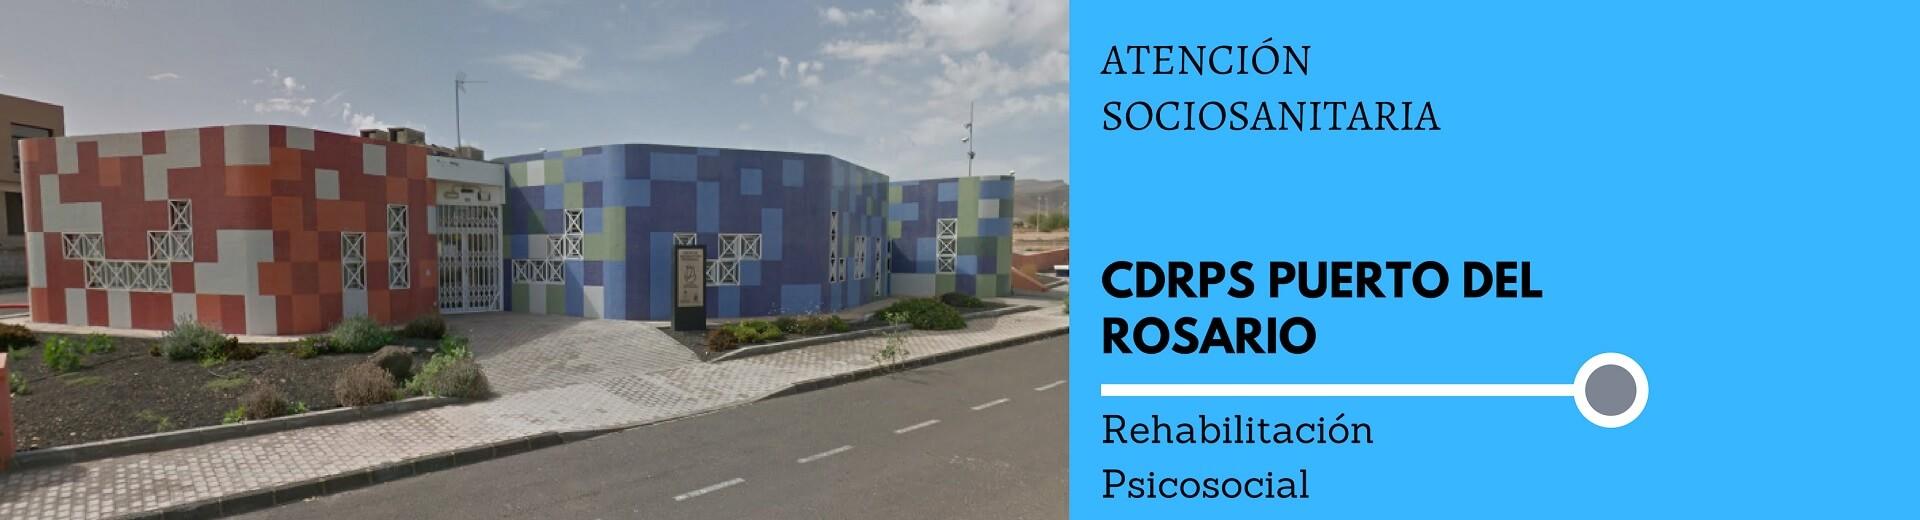 ISCAN_CRDPS_Puertodelrosario